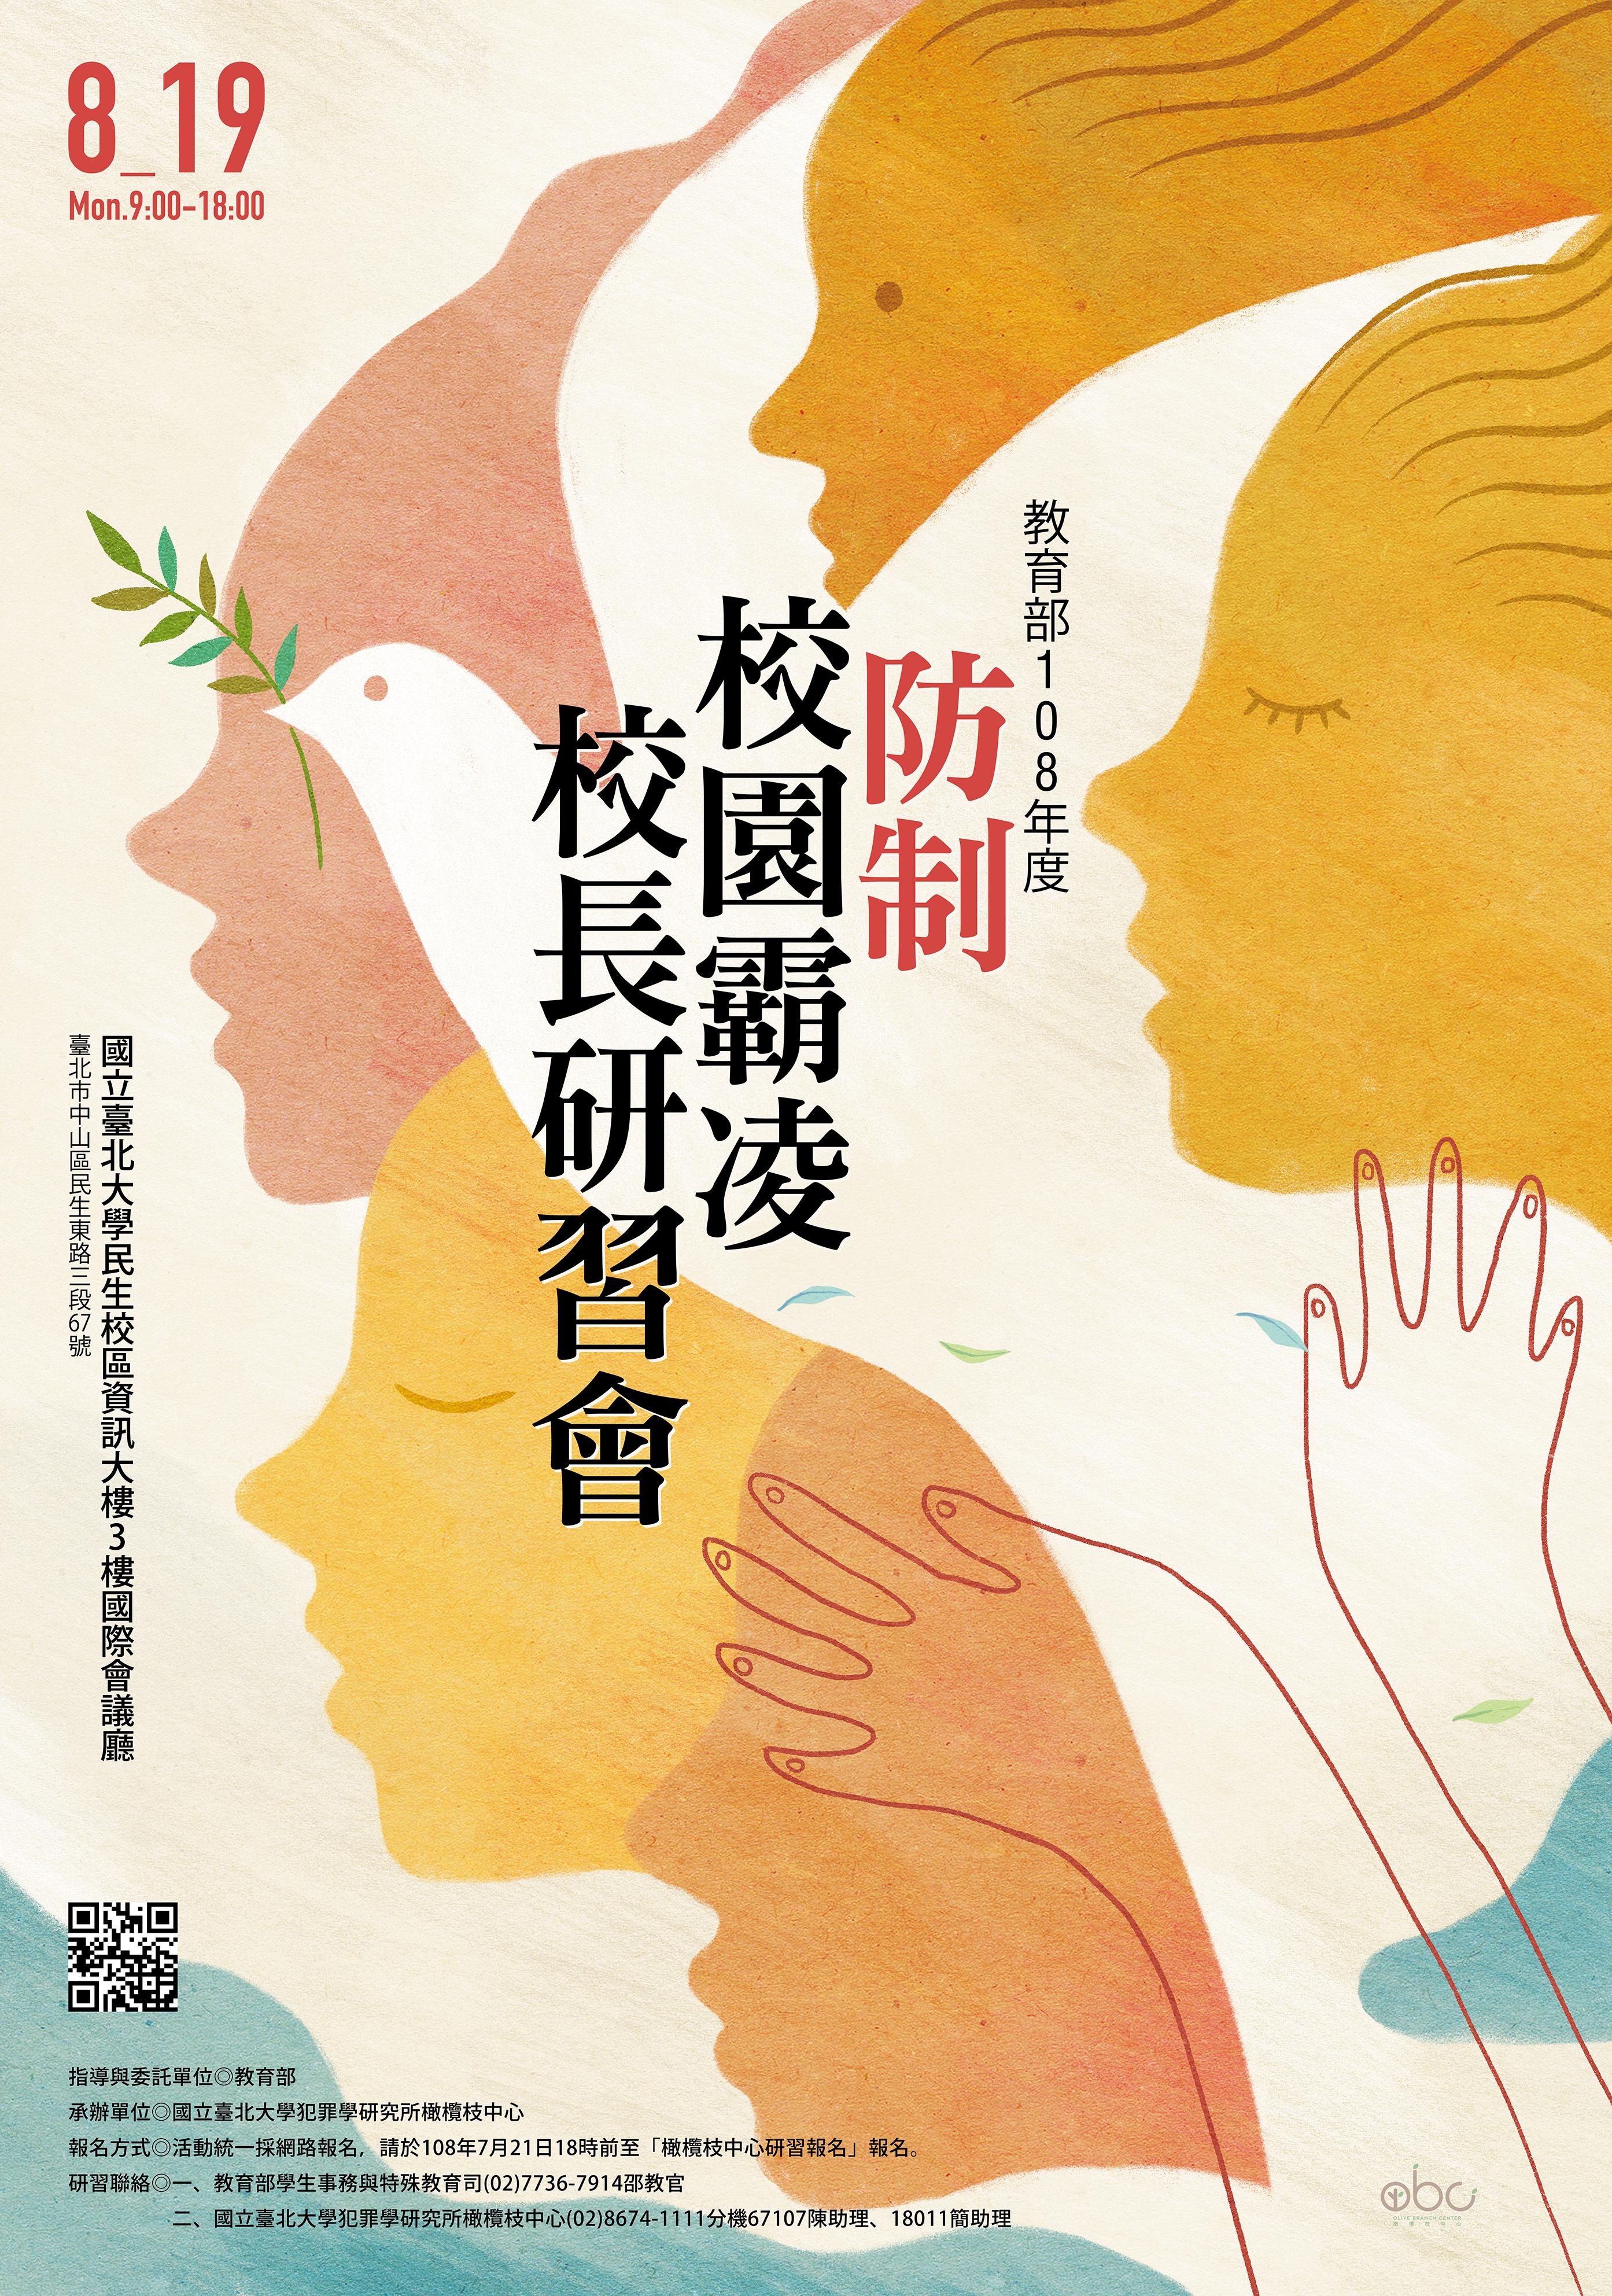 教育部108年度全國防制校園霸凌校長研習會(2019.08.13更新)